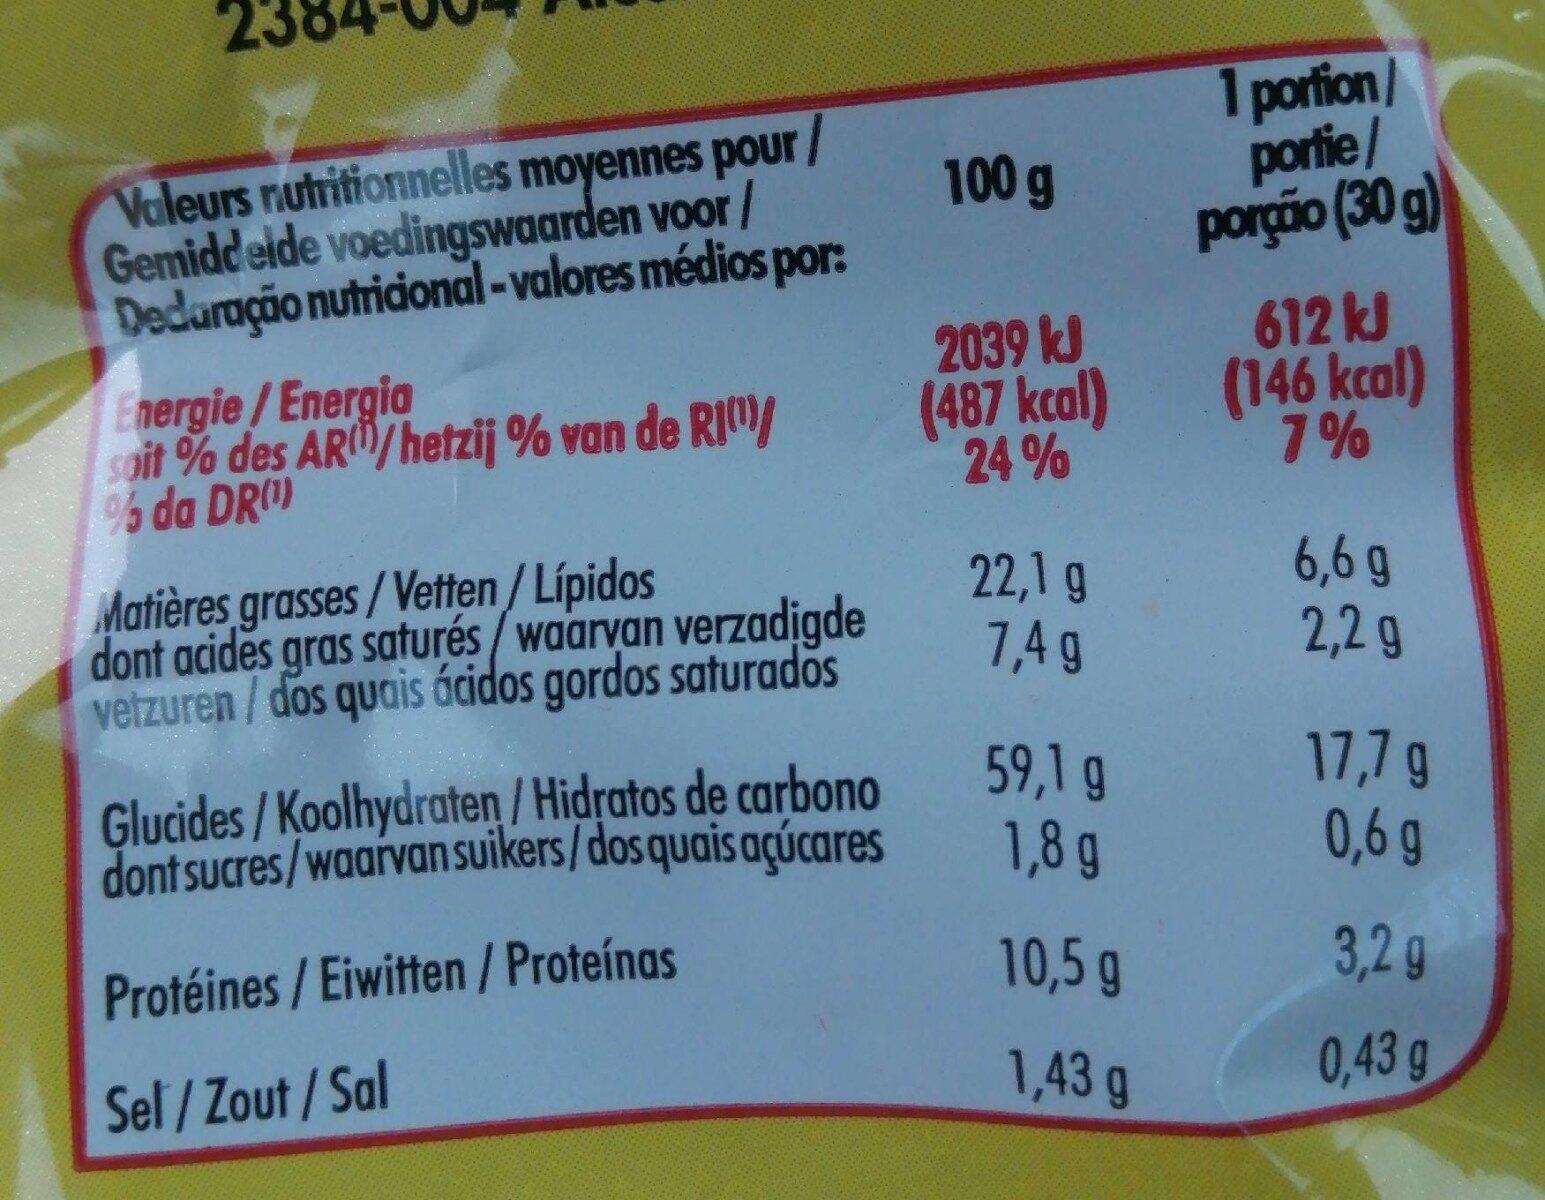 Soufflé à la cacahuète - Voedingswaarden - fr